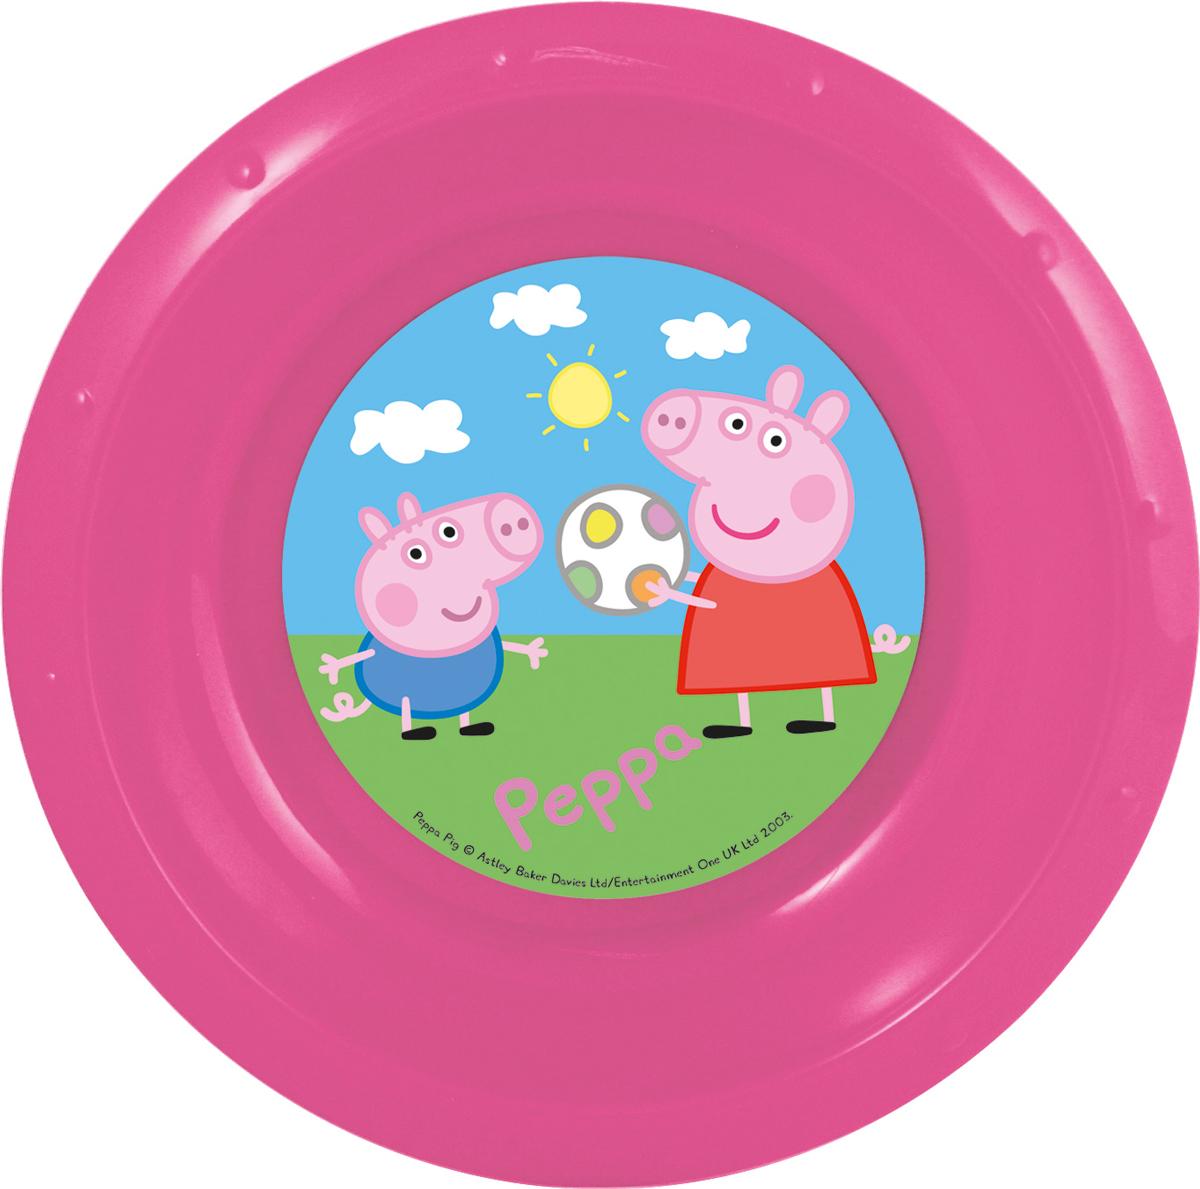 Peppa Pig Миска детская Свинка Пеппа52811Миска детская Свинка Пеппа диаметром 16 см.